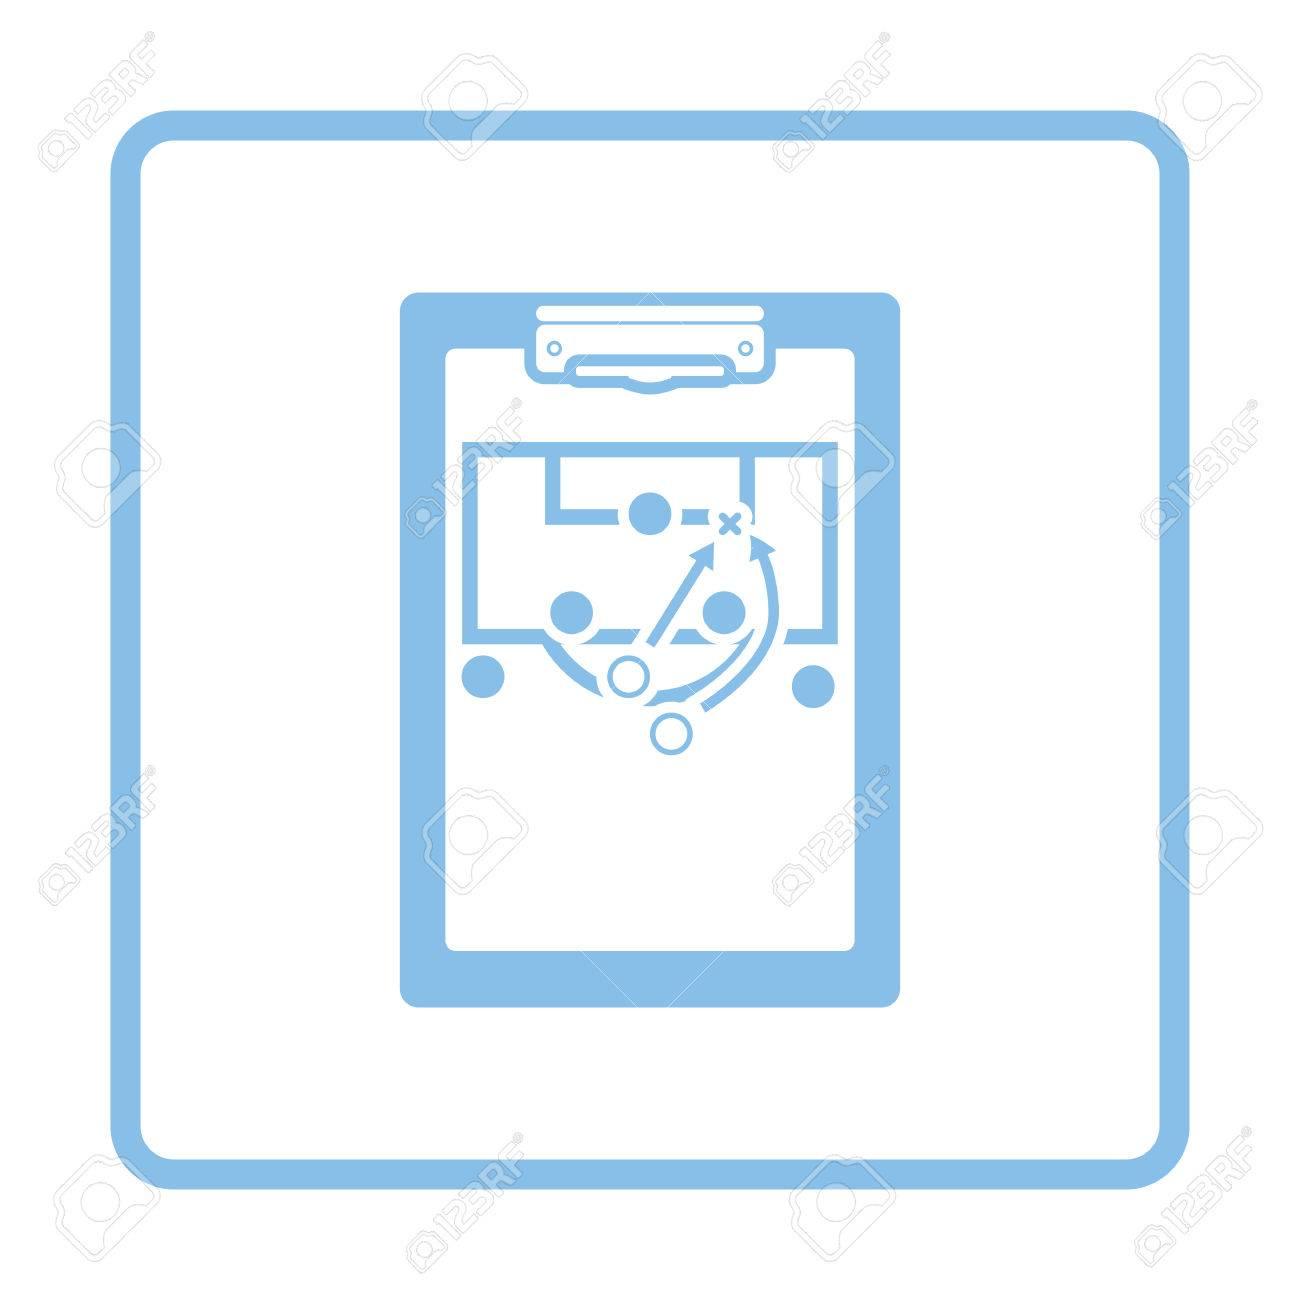 Tablette Entraîneur De Football Avec Schéma De L'icône Du Jeu. Conception  De Cadre Bleu. Illustration Vectorielle destiné Jeux Foot Tablette